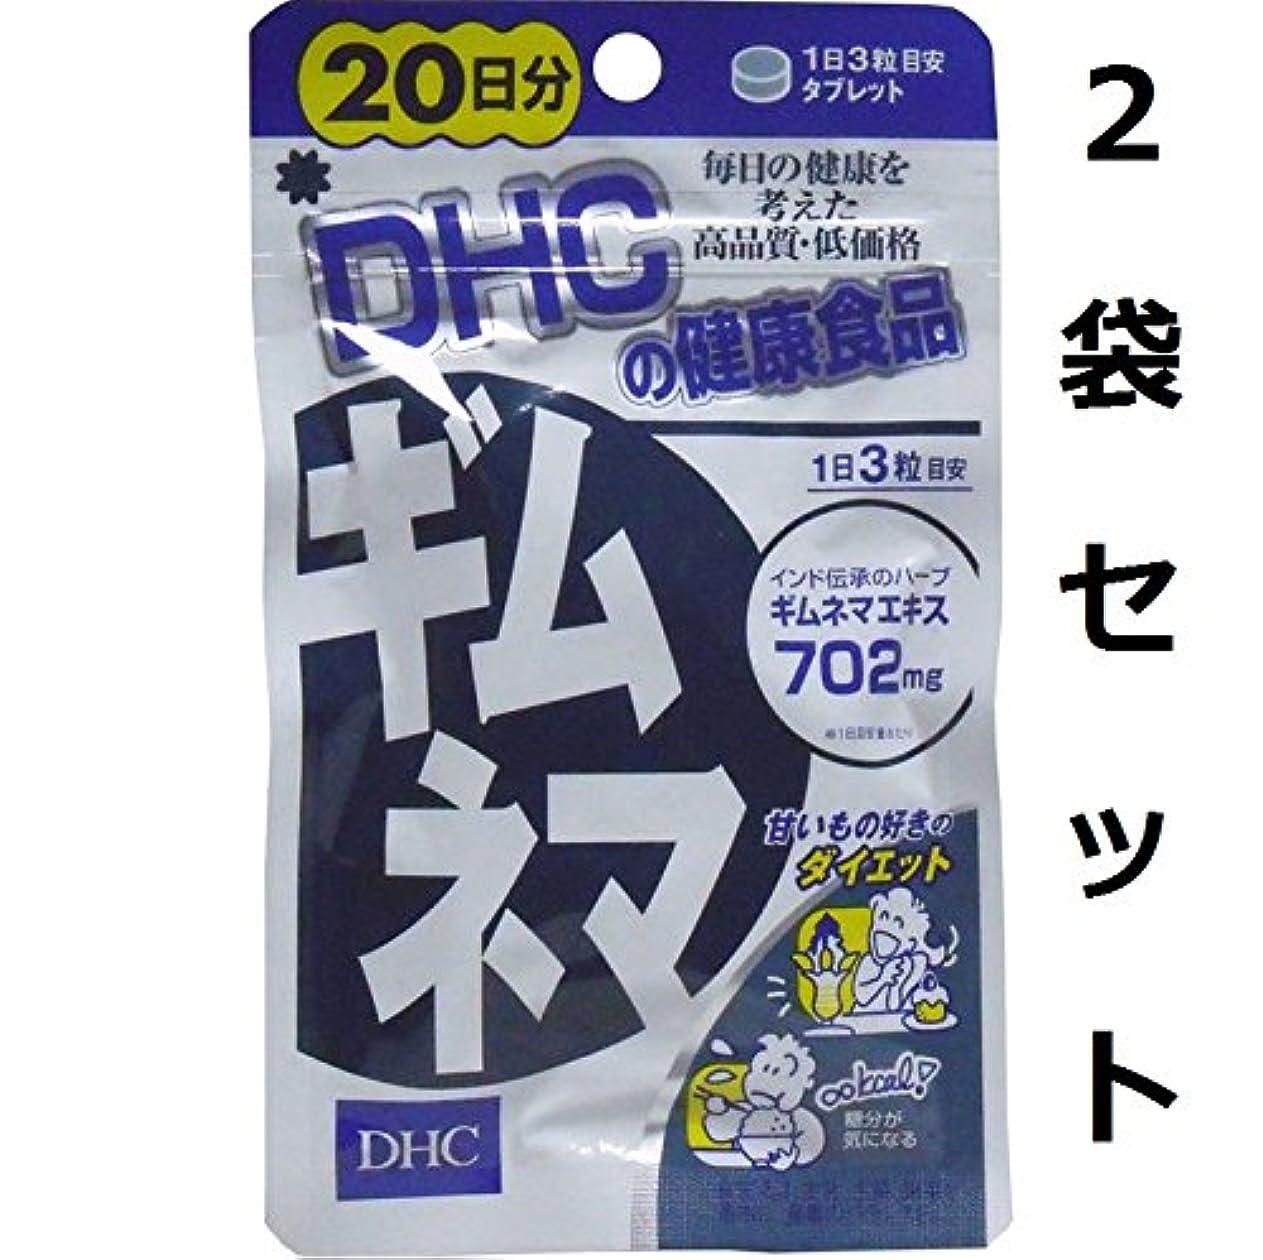 我慢せずに余分な糖分をブロック DHC ギムネマ 20日分 60粒 2袋セット